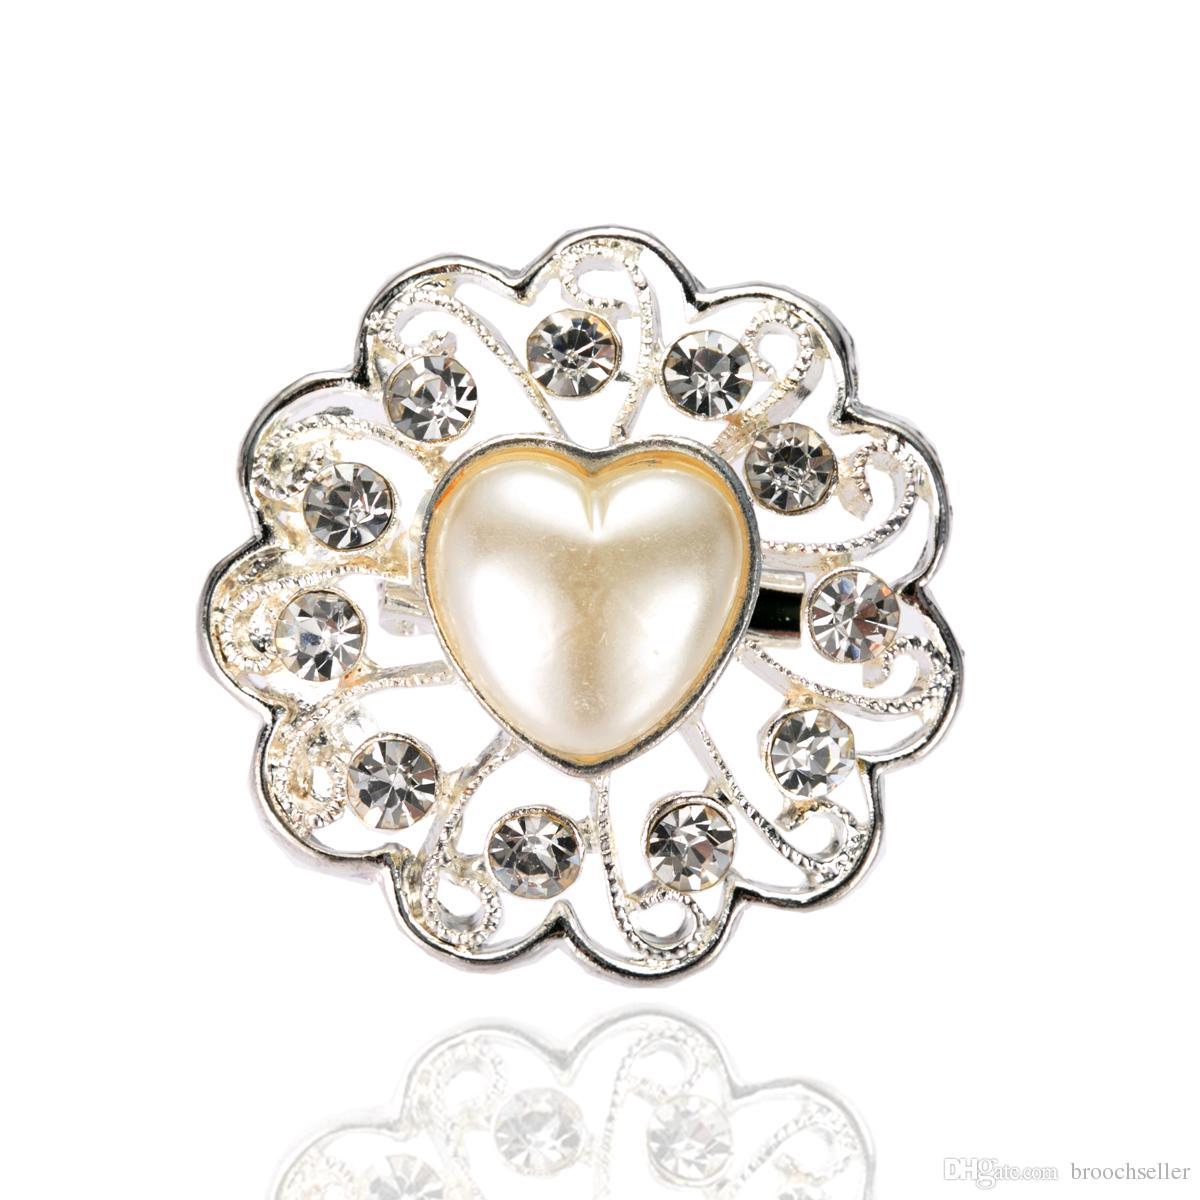 1,4 tums silverpläterad hjärtformad pärla och rhinestone blomma brosch